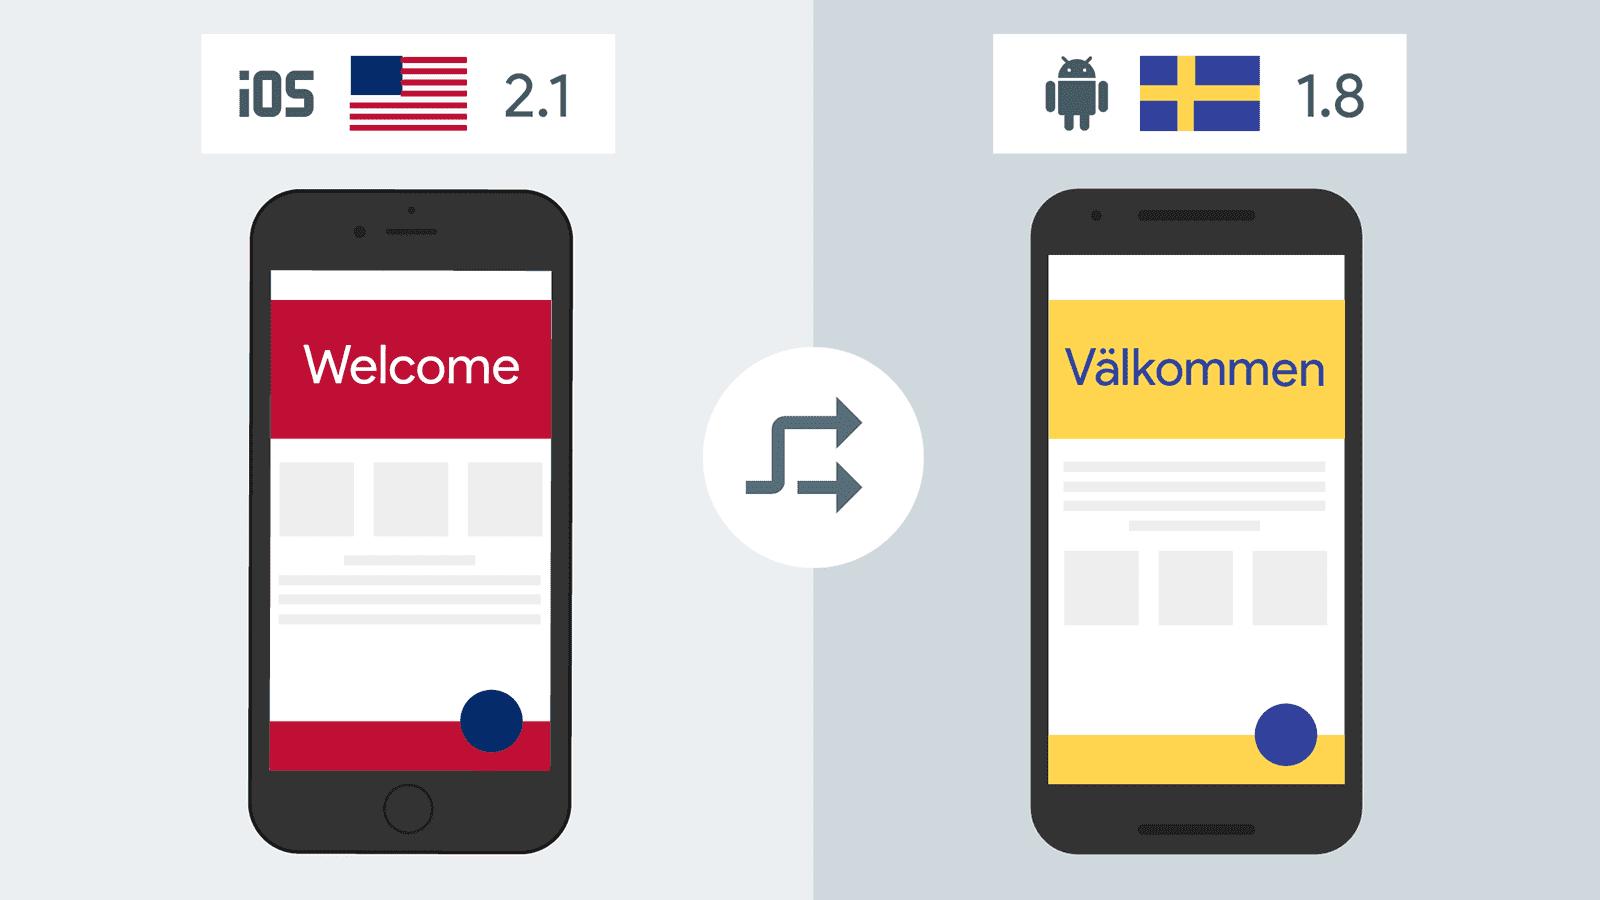 2개의 언어로 된 휴대전화 2대